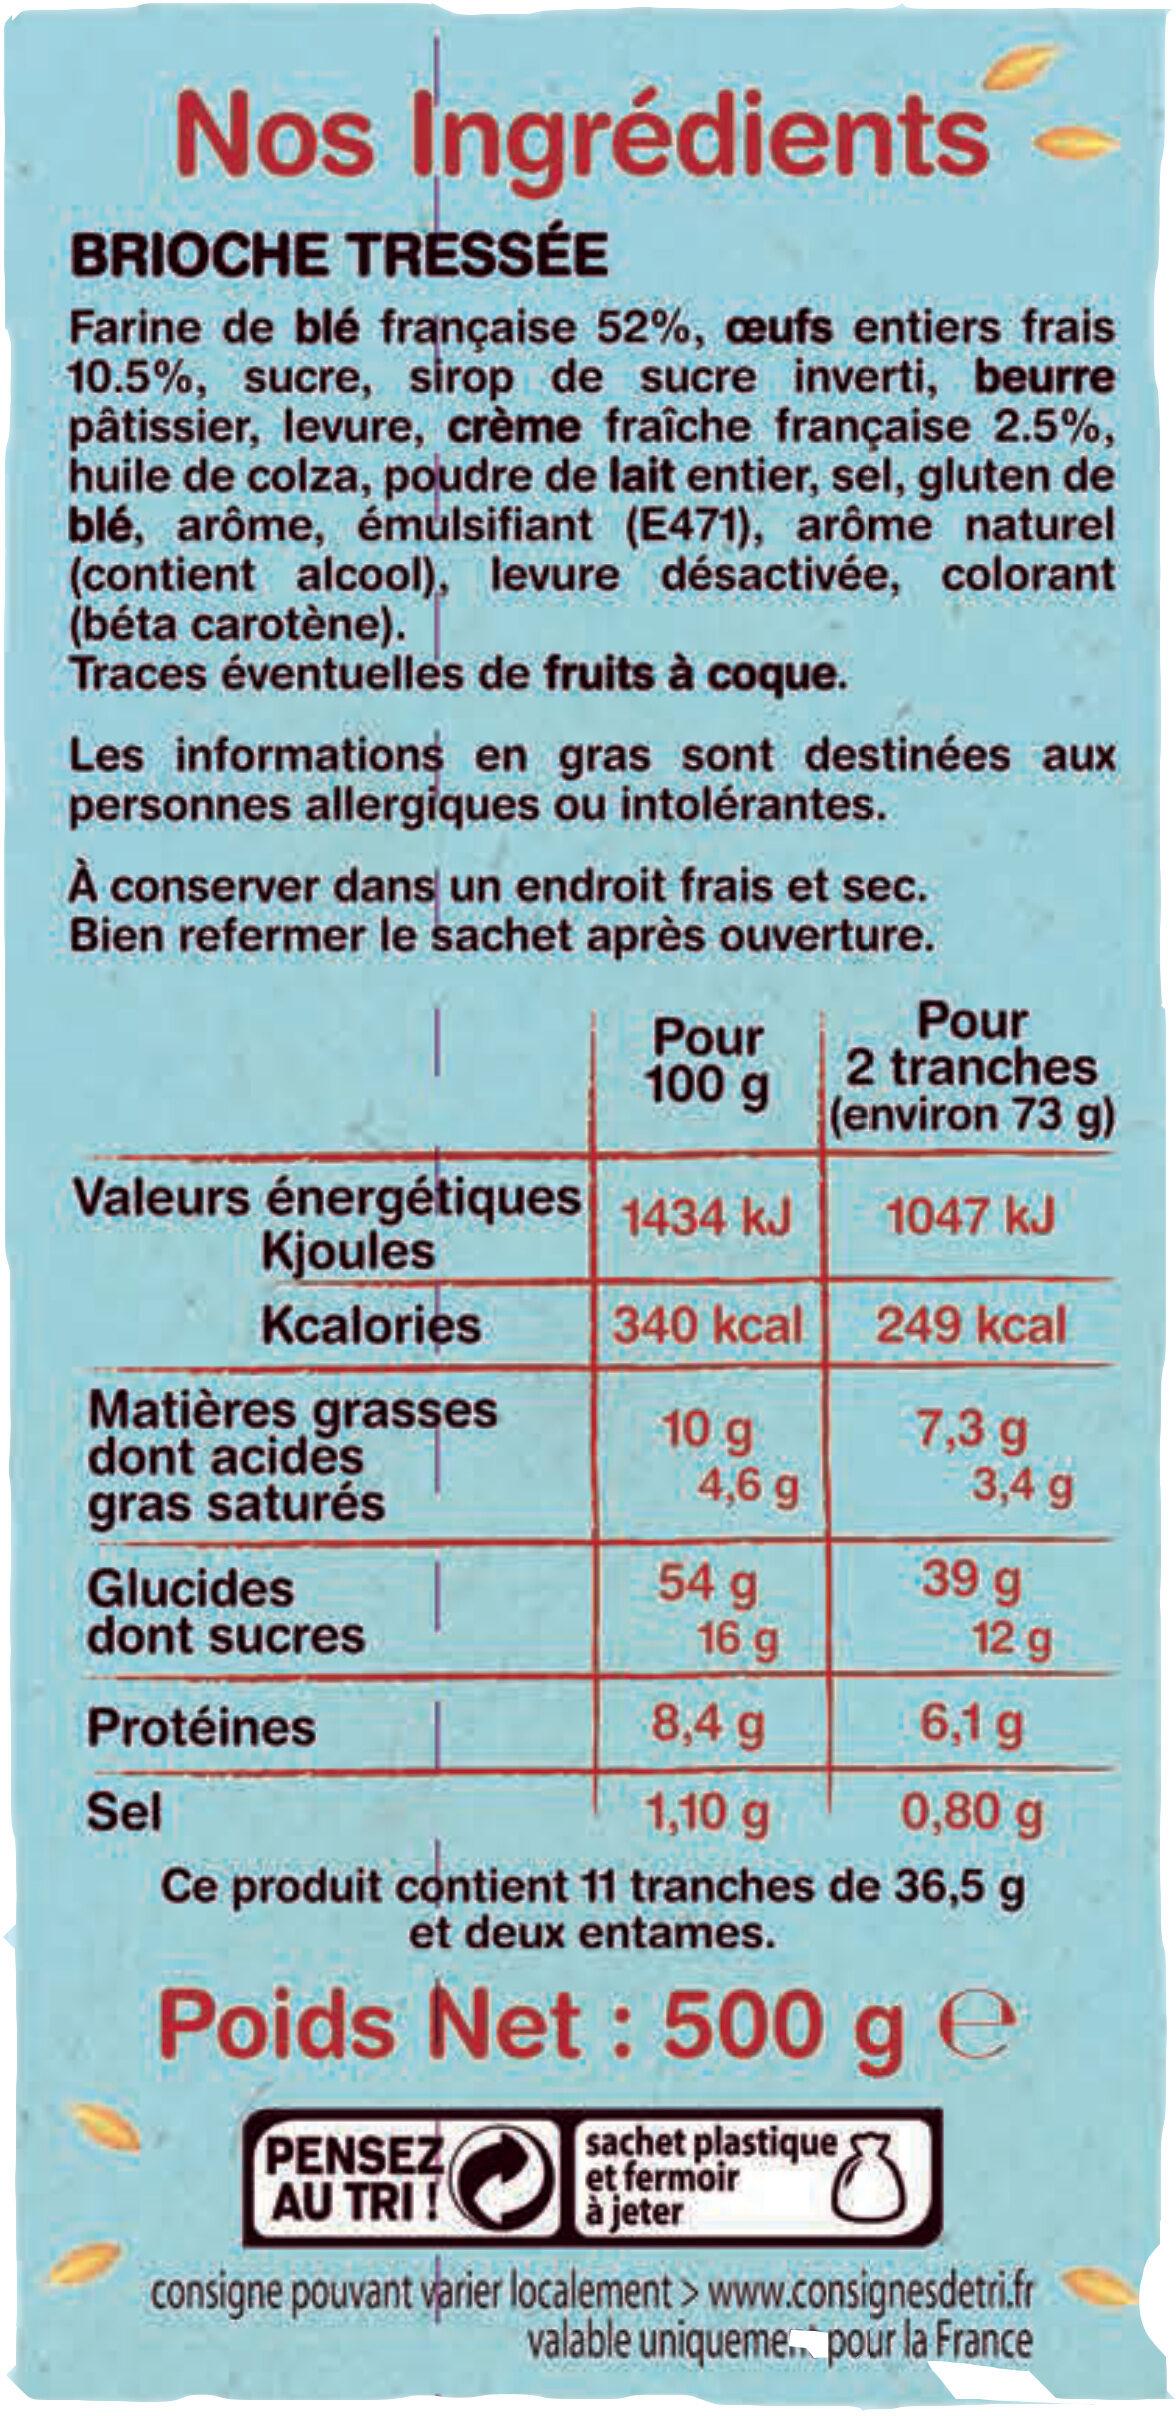 La brioche tressée tranchée - Ingrediënten - fr